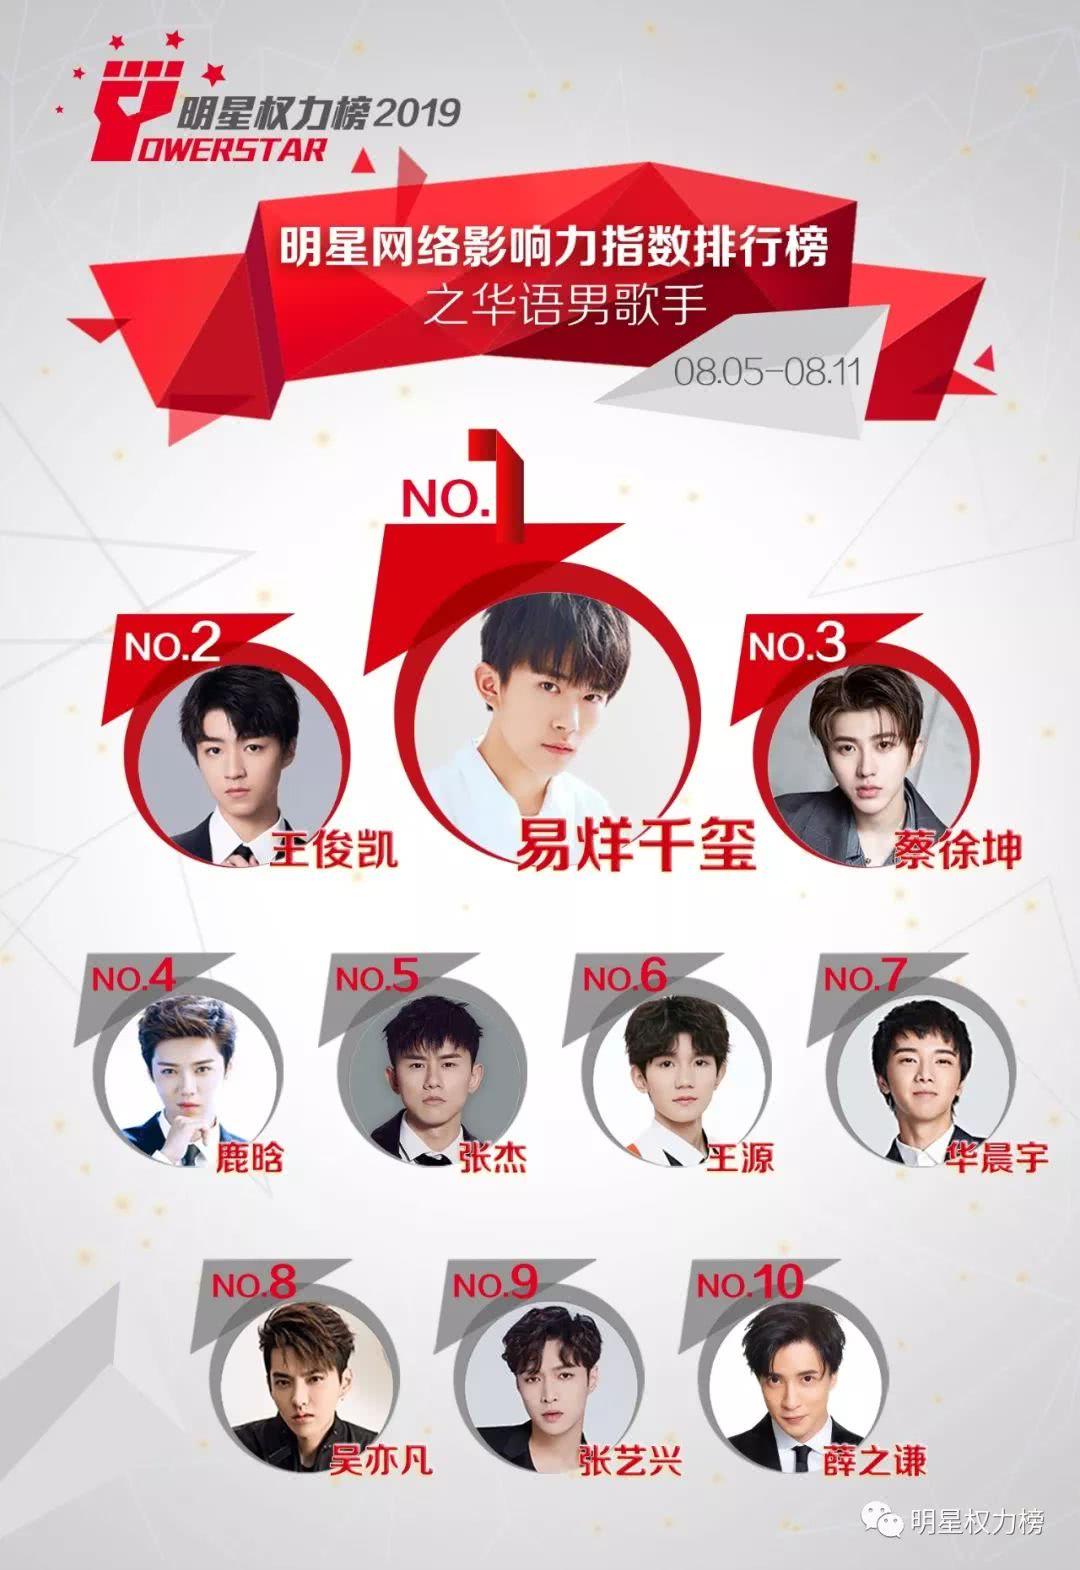 明星网络影响力指数排行榜第212期榜单之华语男歌手Top10